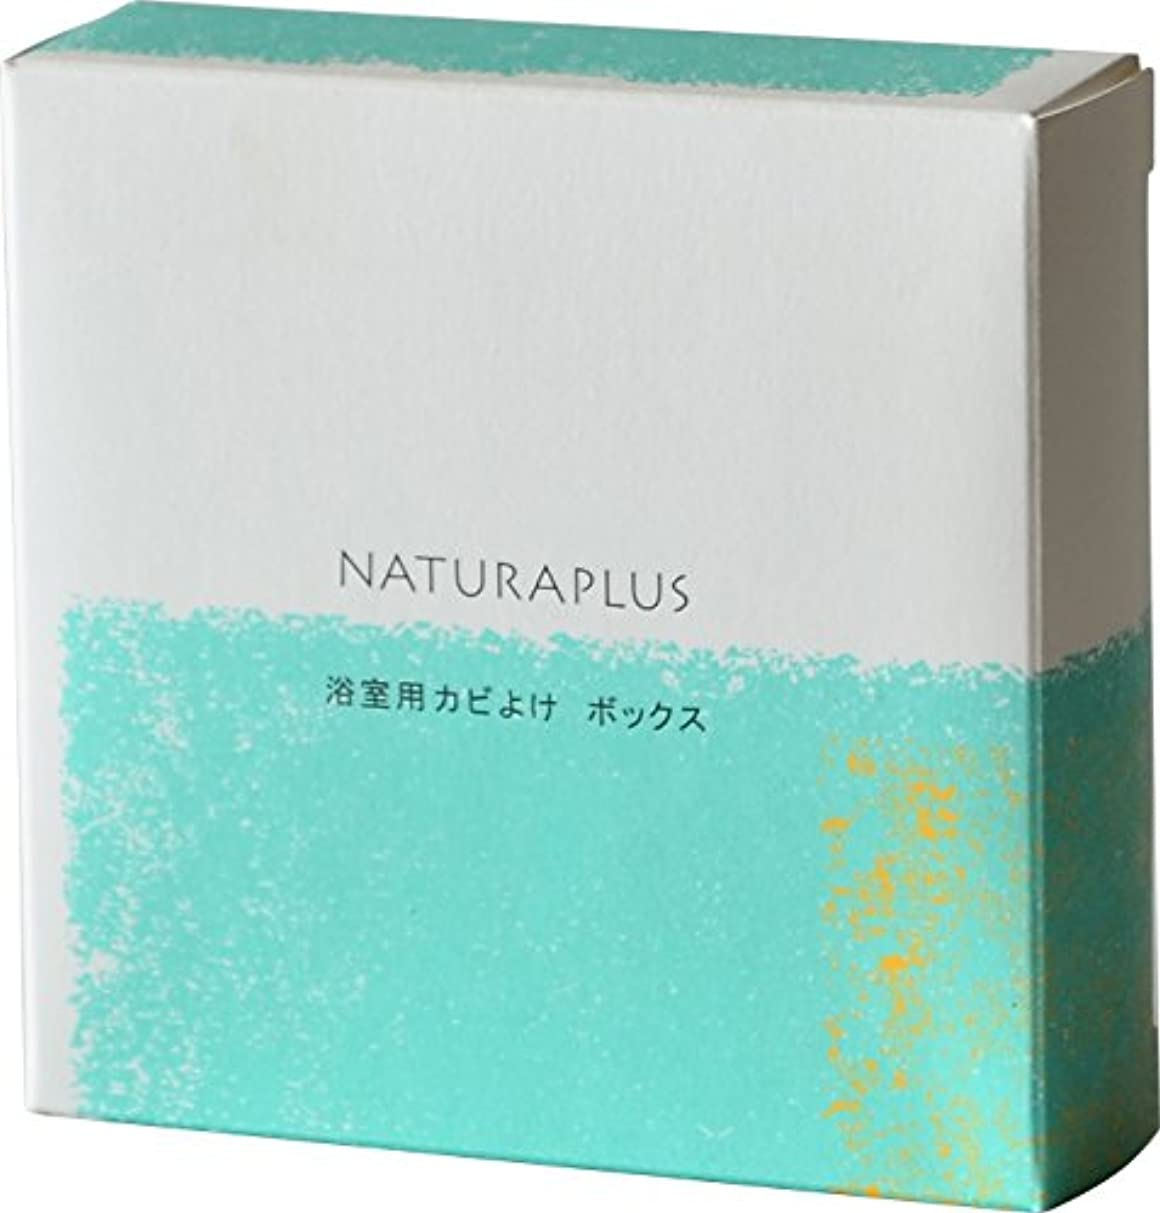 NATURAPLUS(ナチュラプラス) 浴室用カビよけボックス